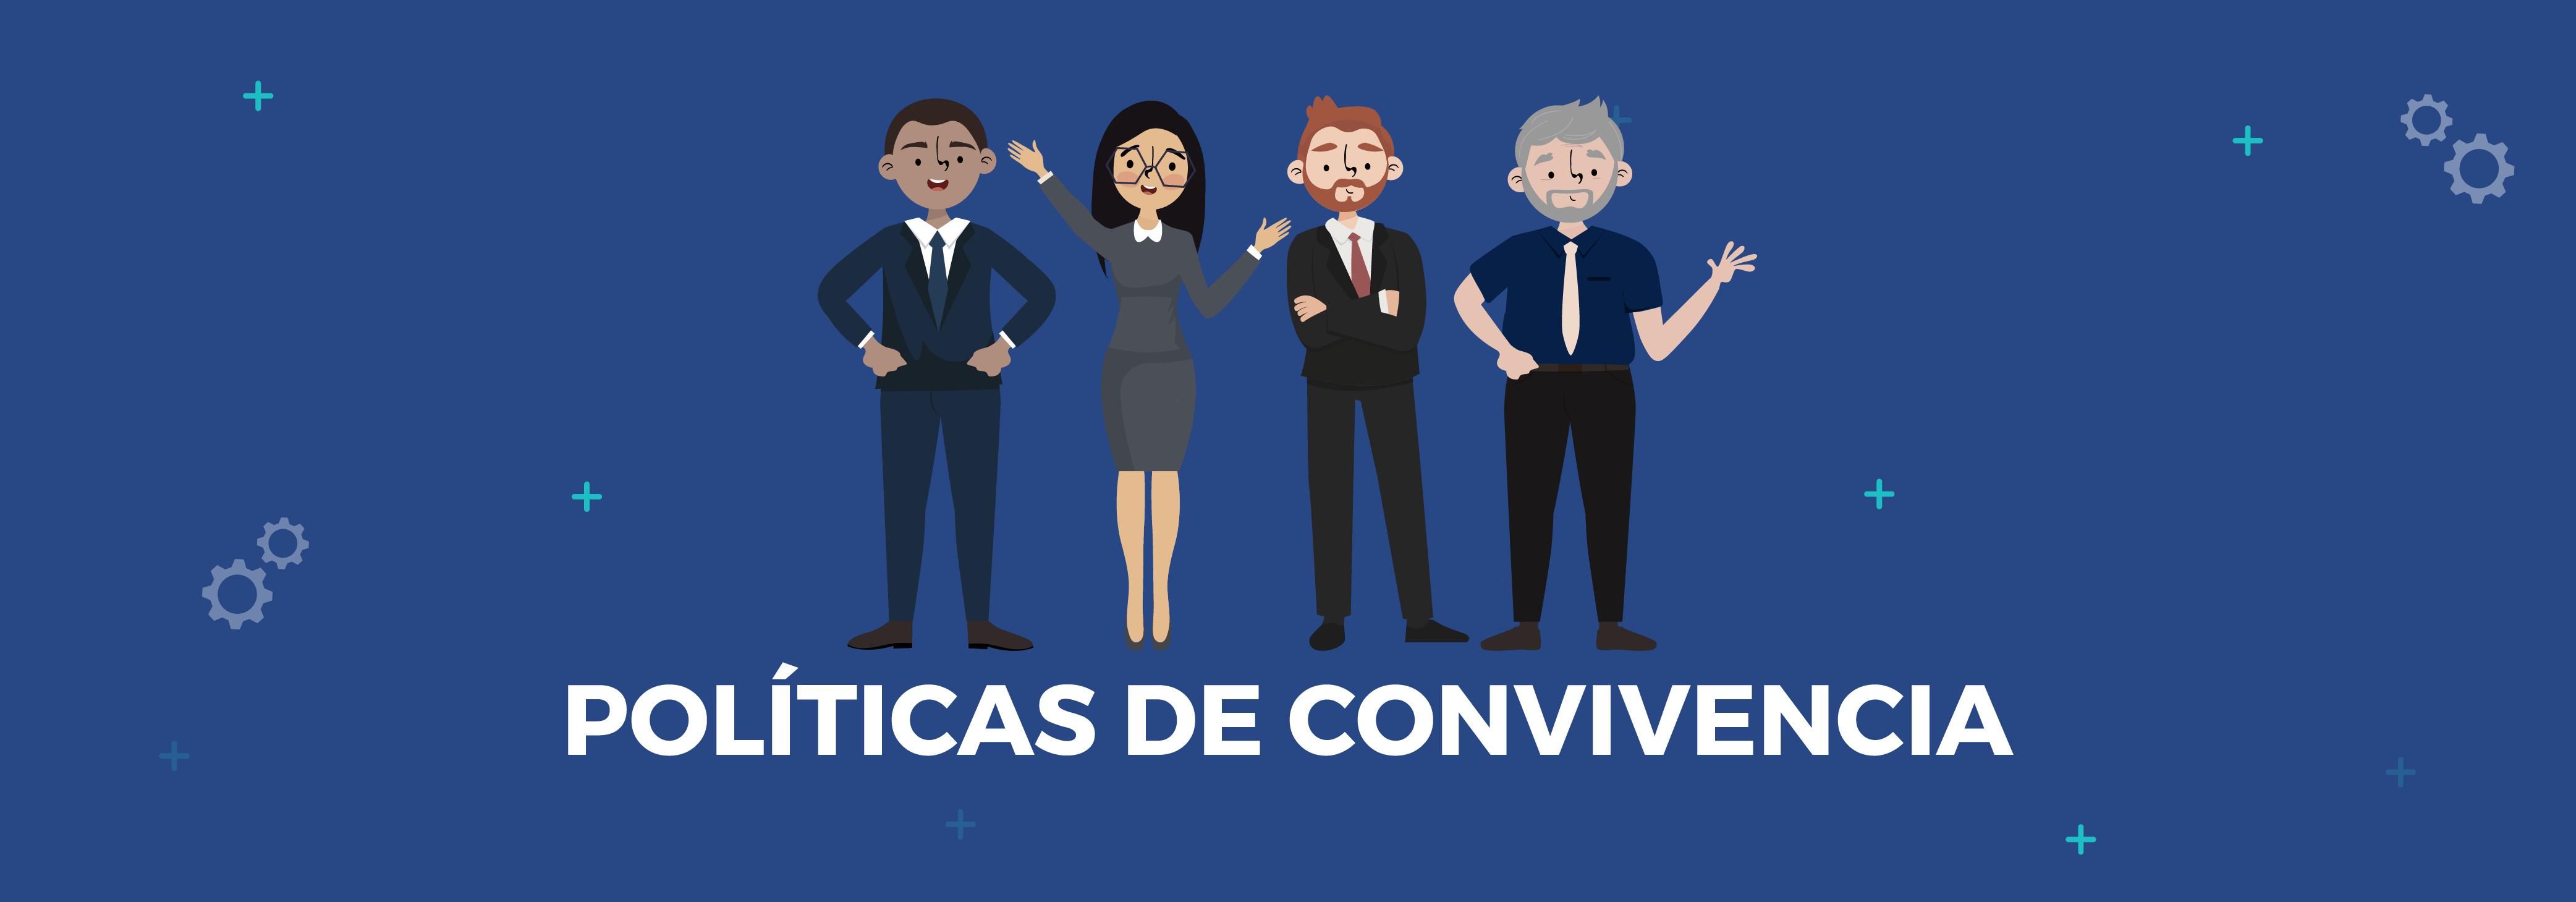 CONVIVENCIA 40